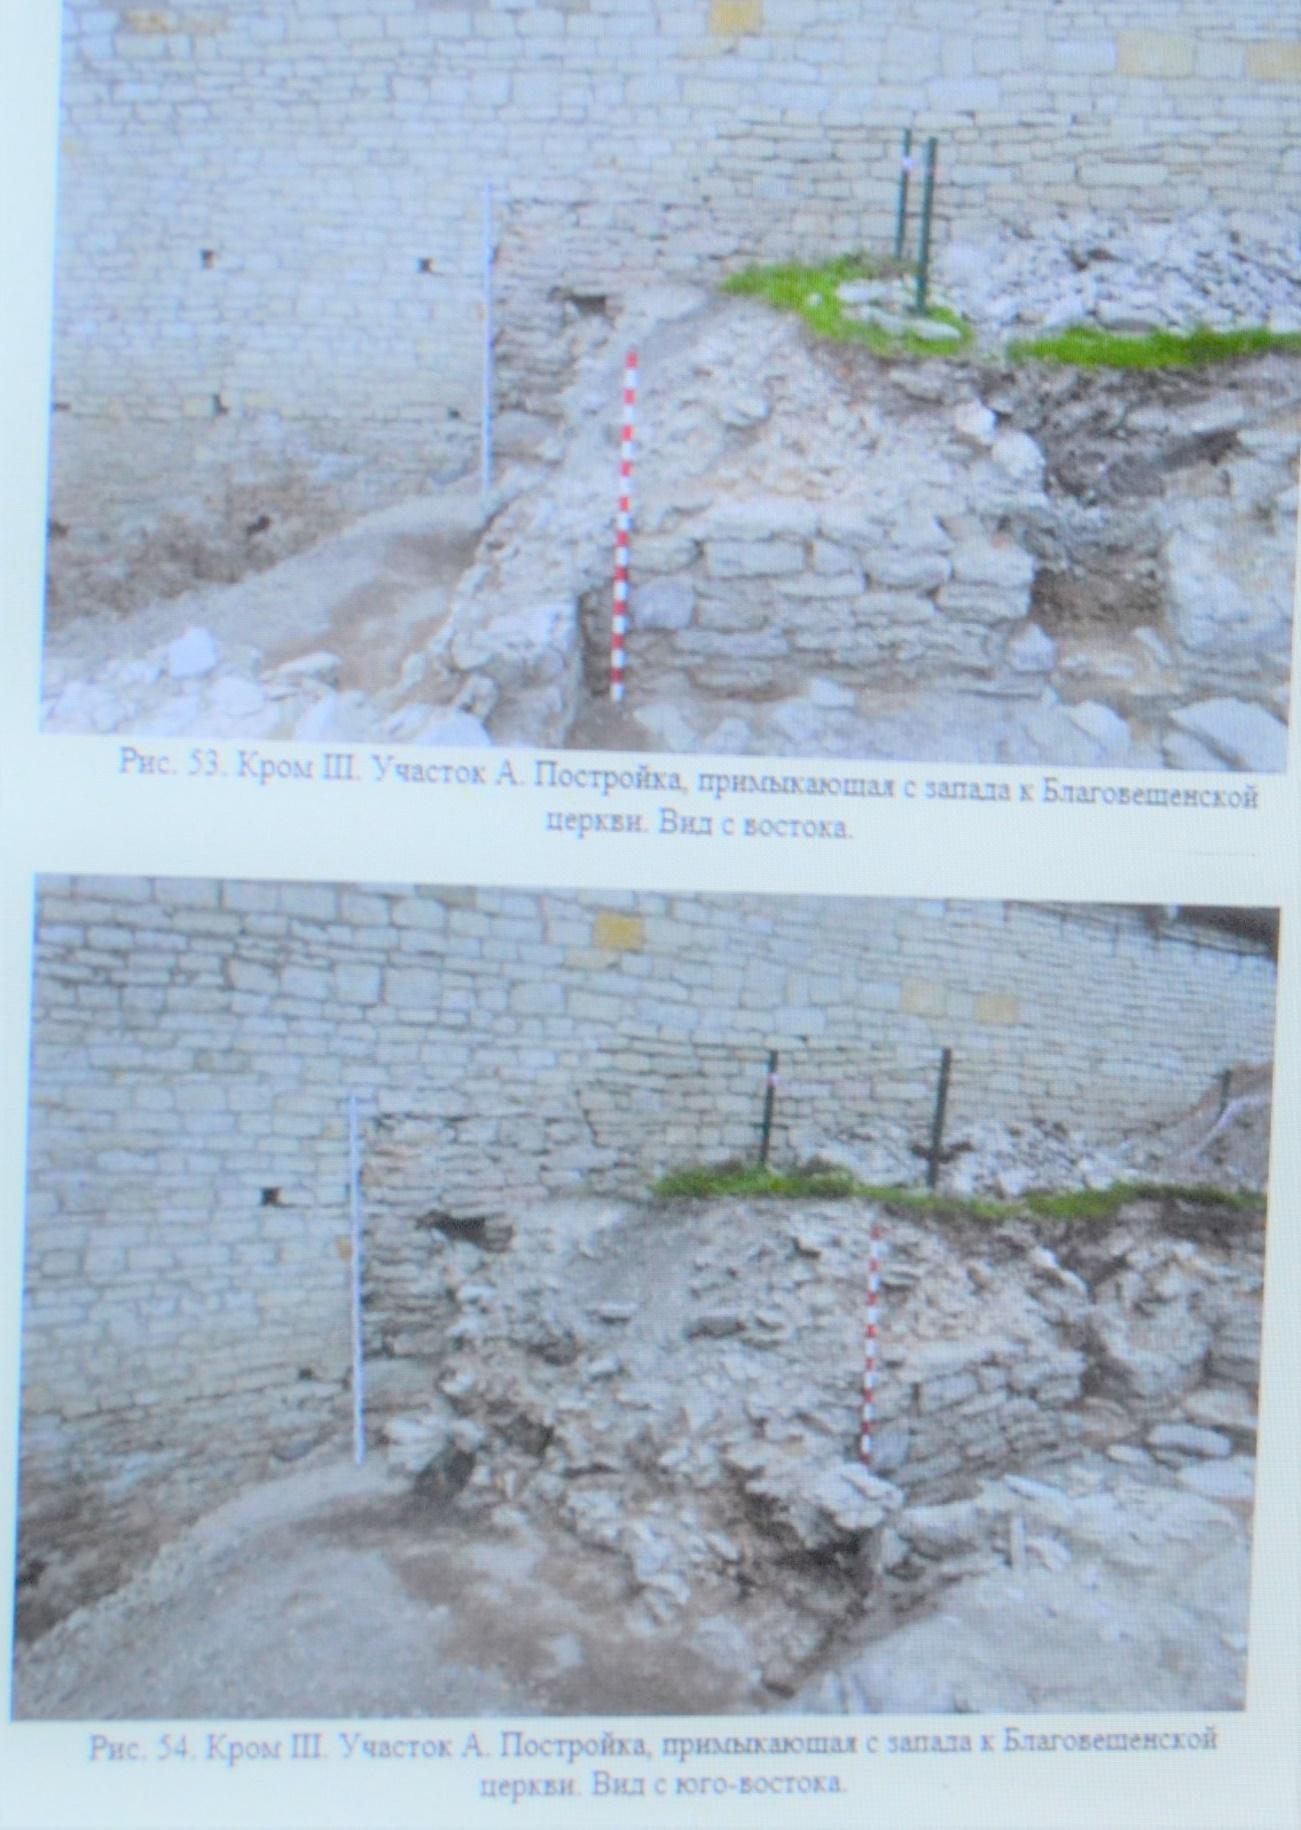 C:\Users\Раиса\Desktop\Стройэкспертиза 19.02.2020 Псков2\ЭКСПЕРТНОЕ заключение\Археологические исследования\отчет фото\рисунок2.jpg